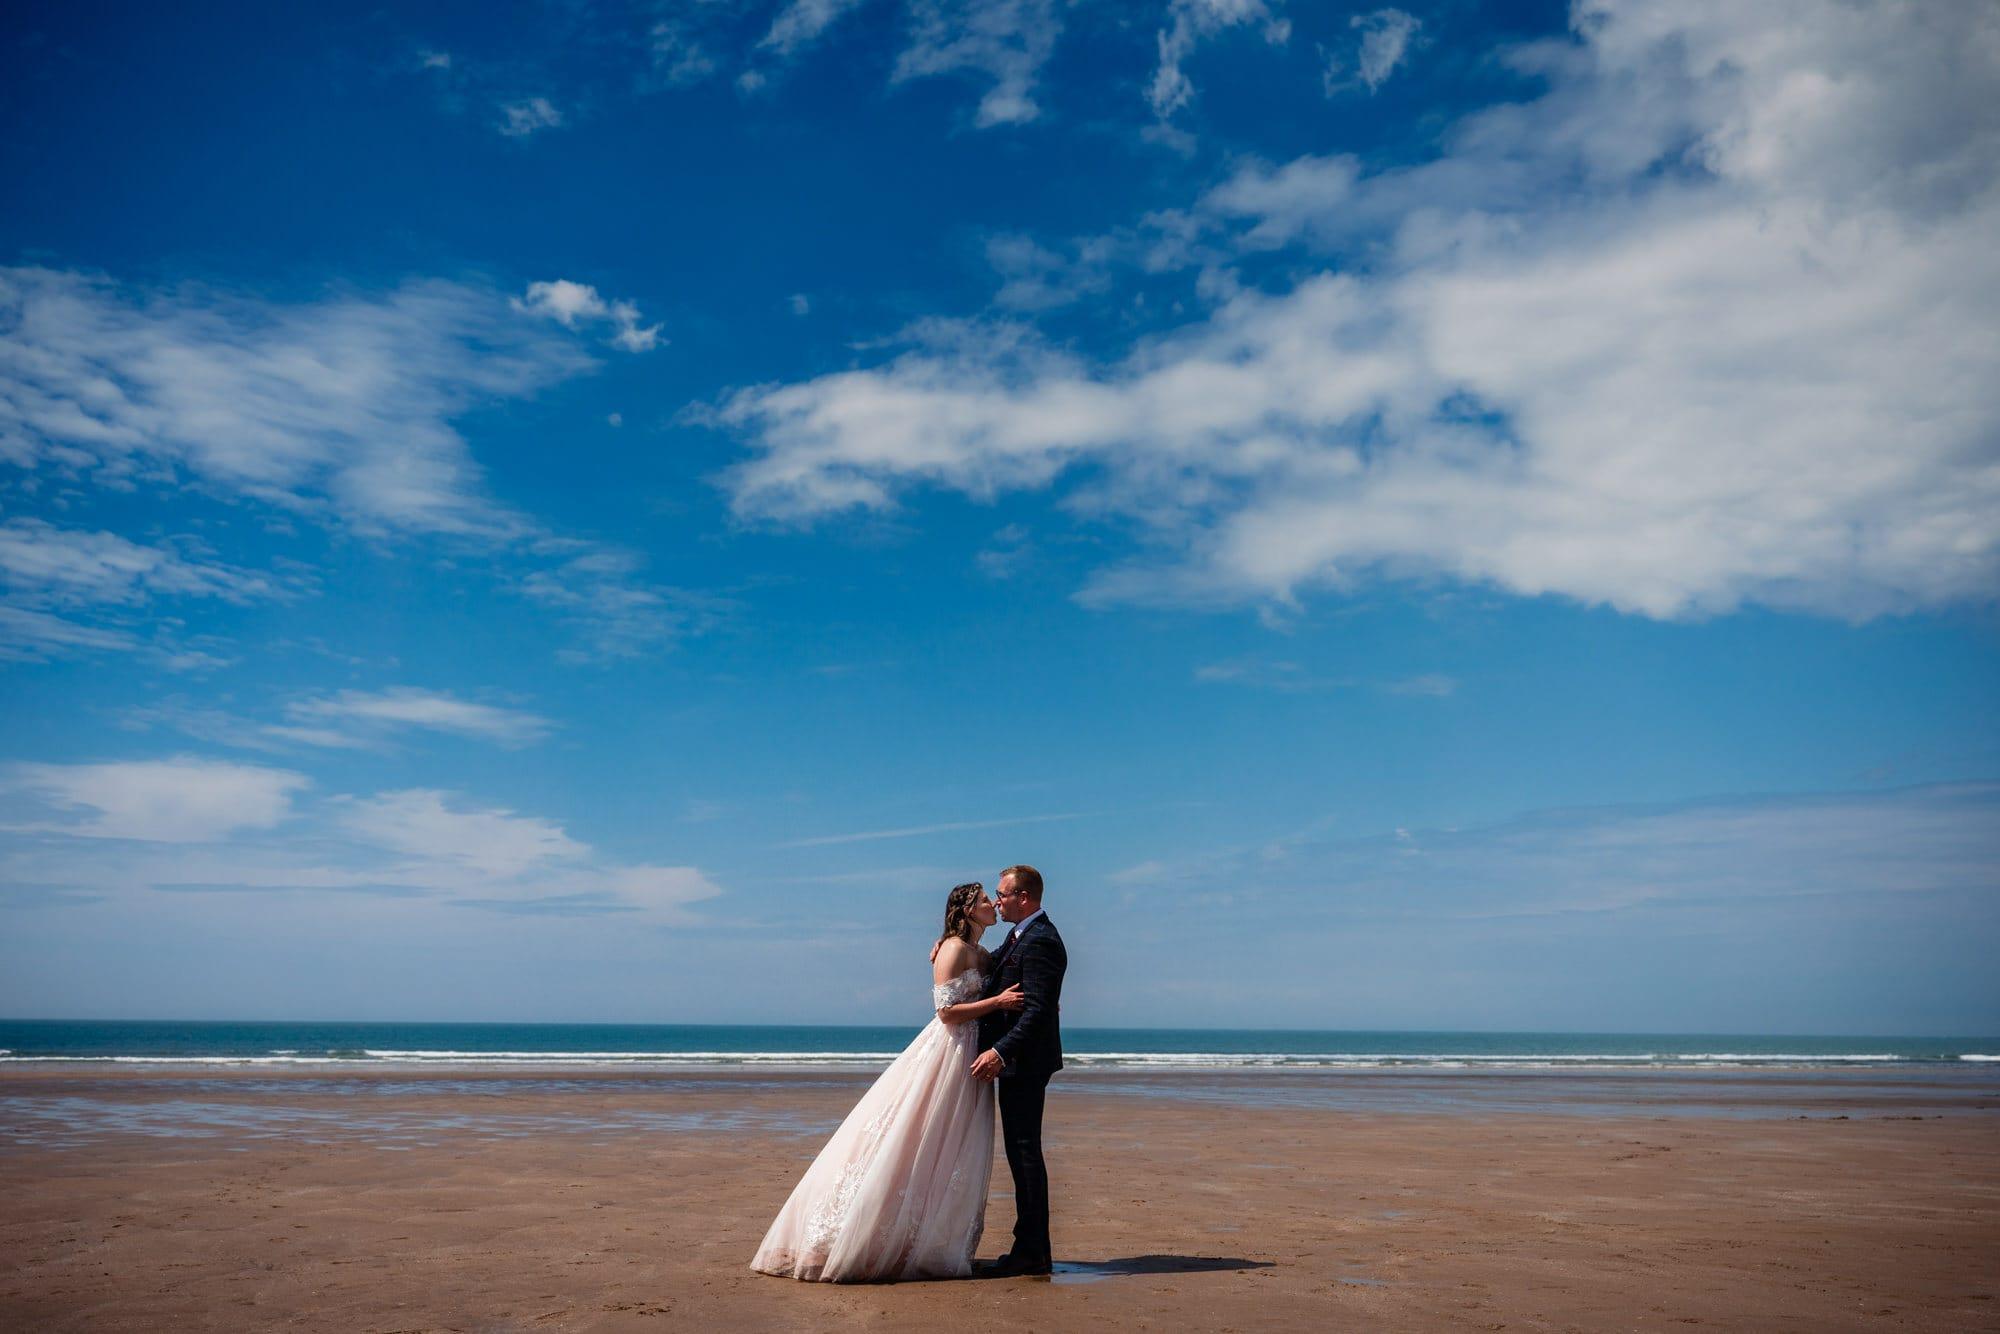 Wedding couple on sandy beach